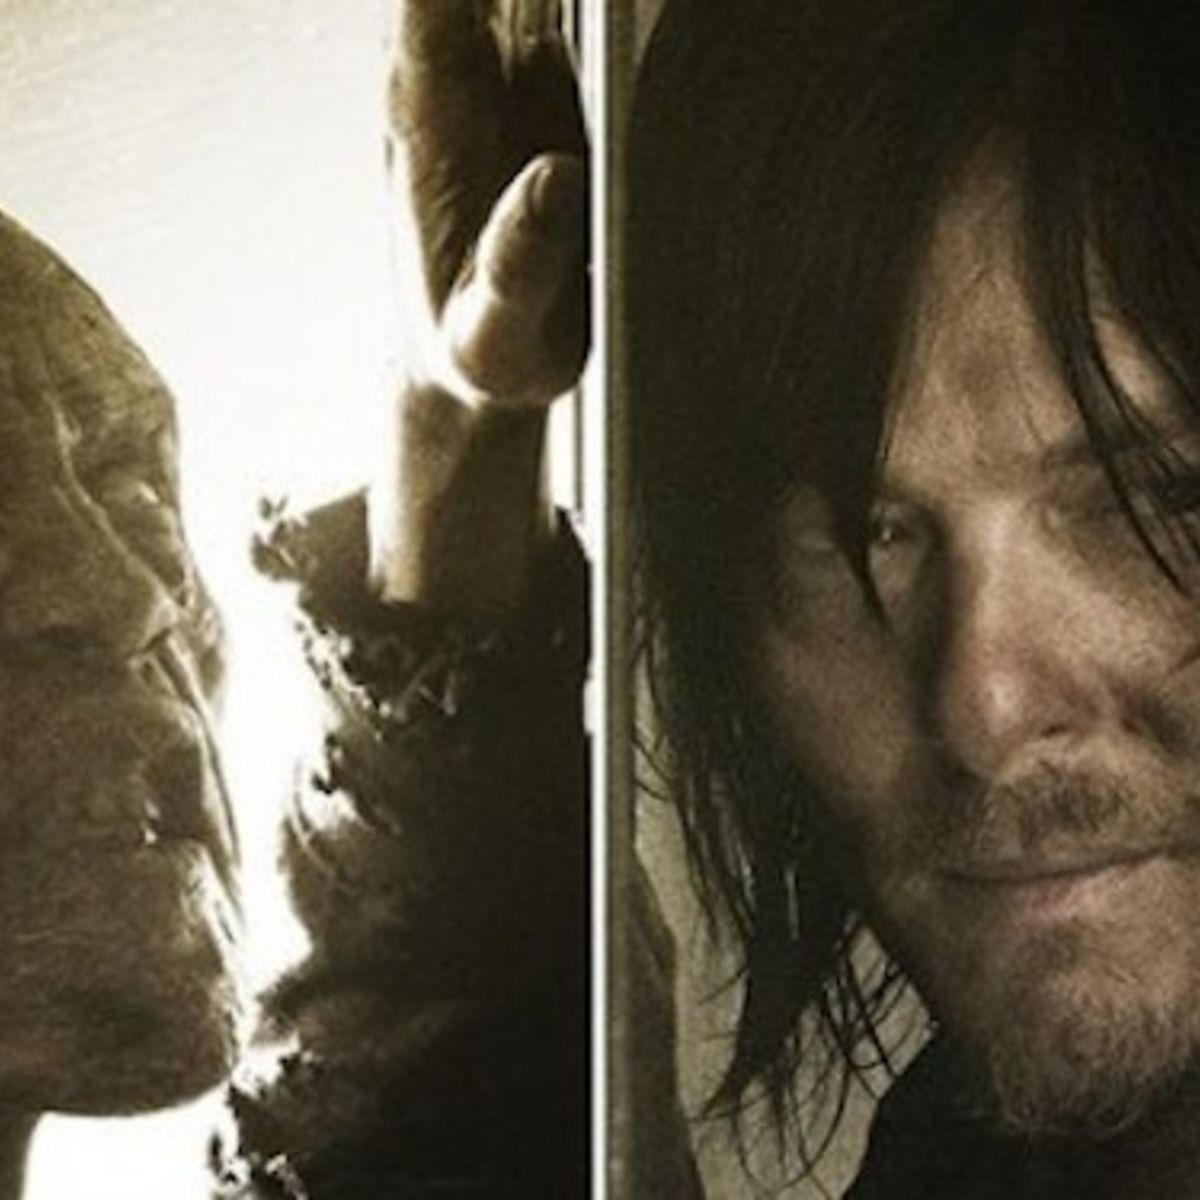 The-Walking-Dead-season-6-3-600x423-1.jpg